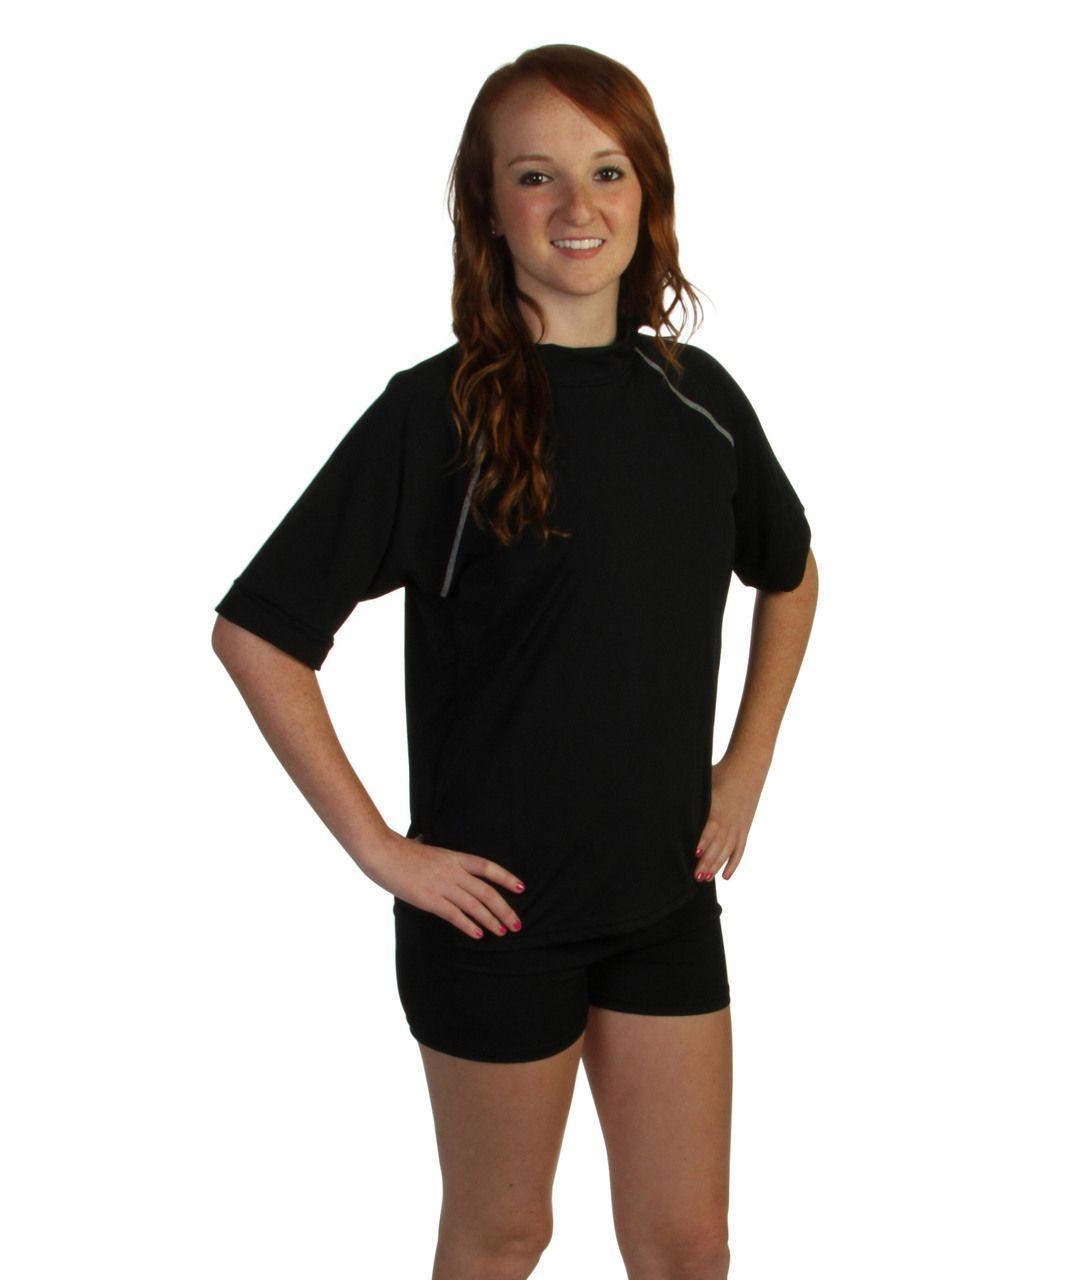 20e64a6e90 Set: Black Sun Protection Rashguard Swim Shirt & Shorts- Size M only ...